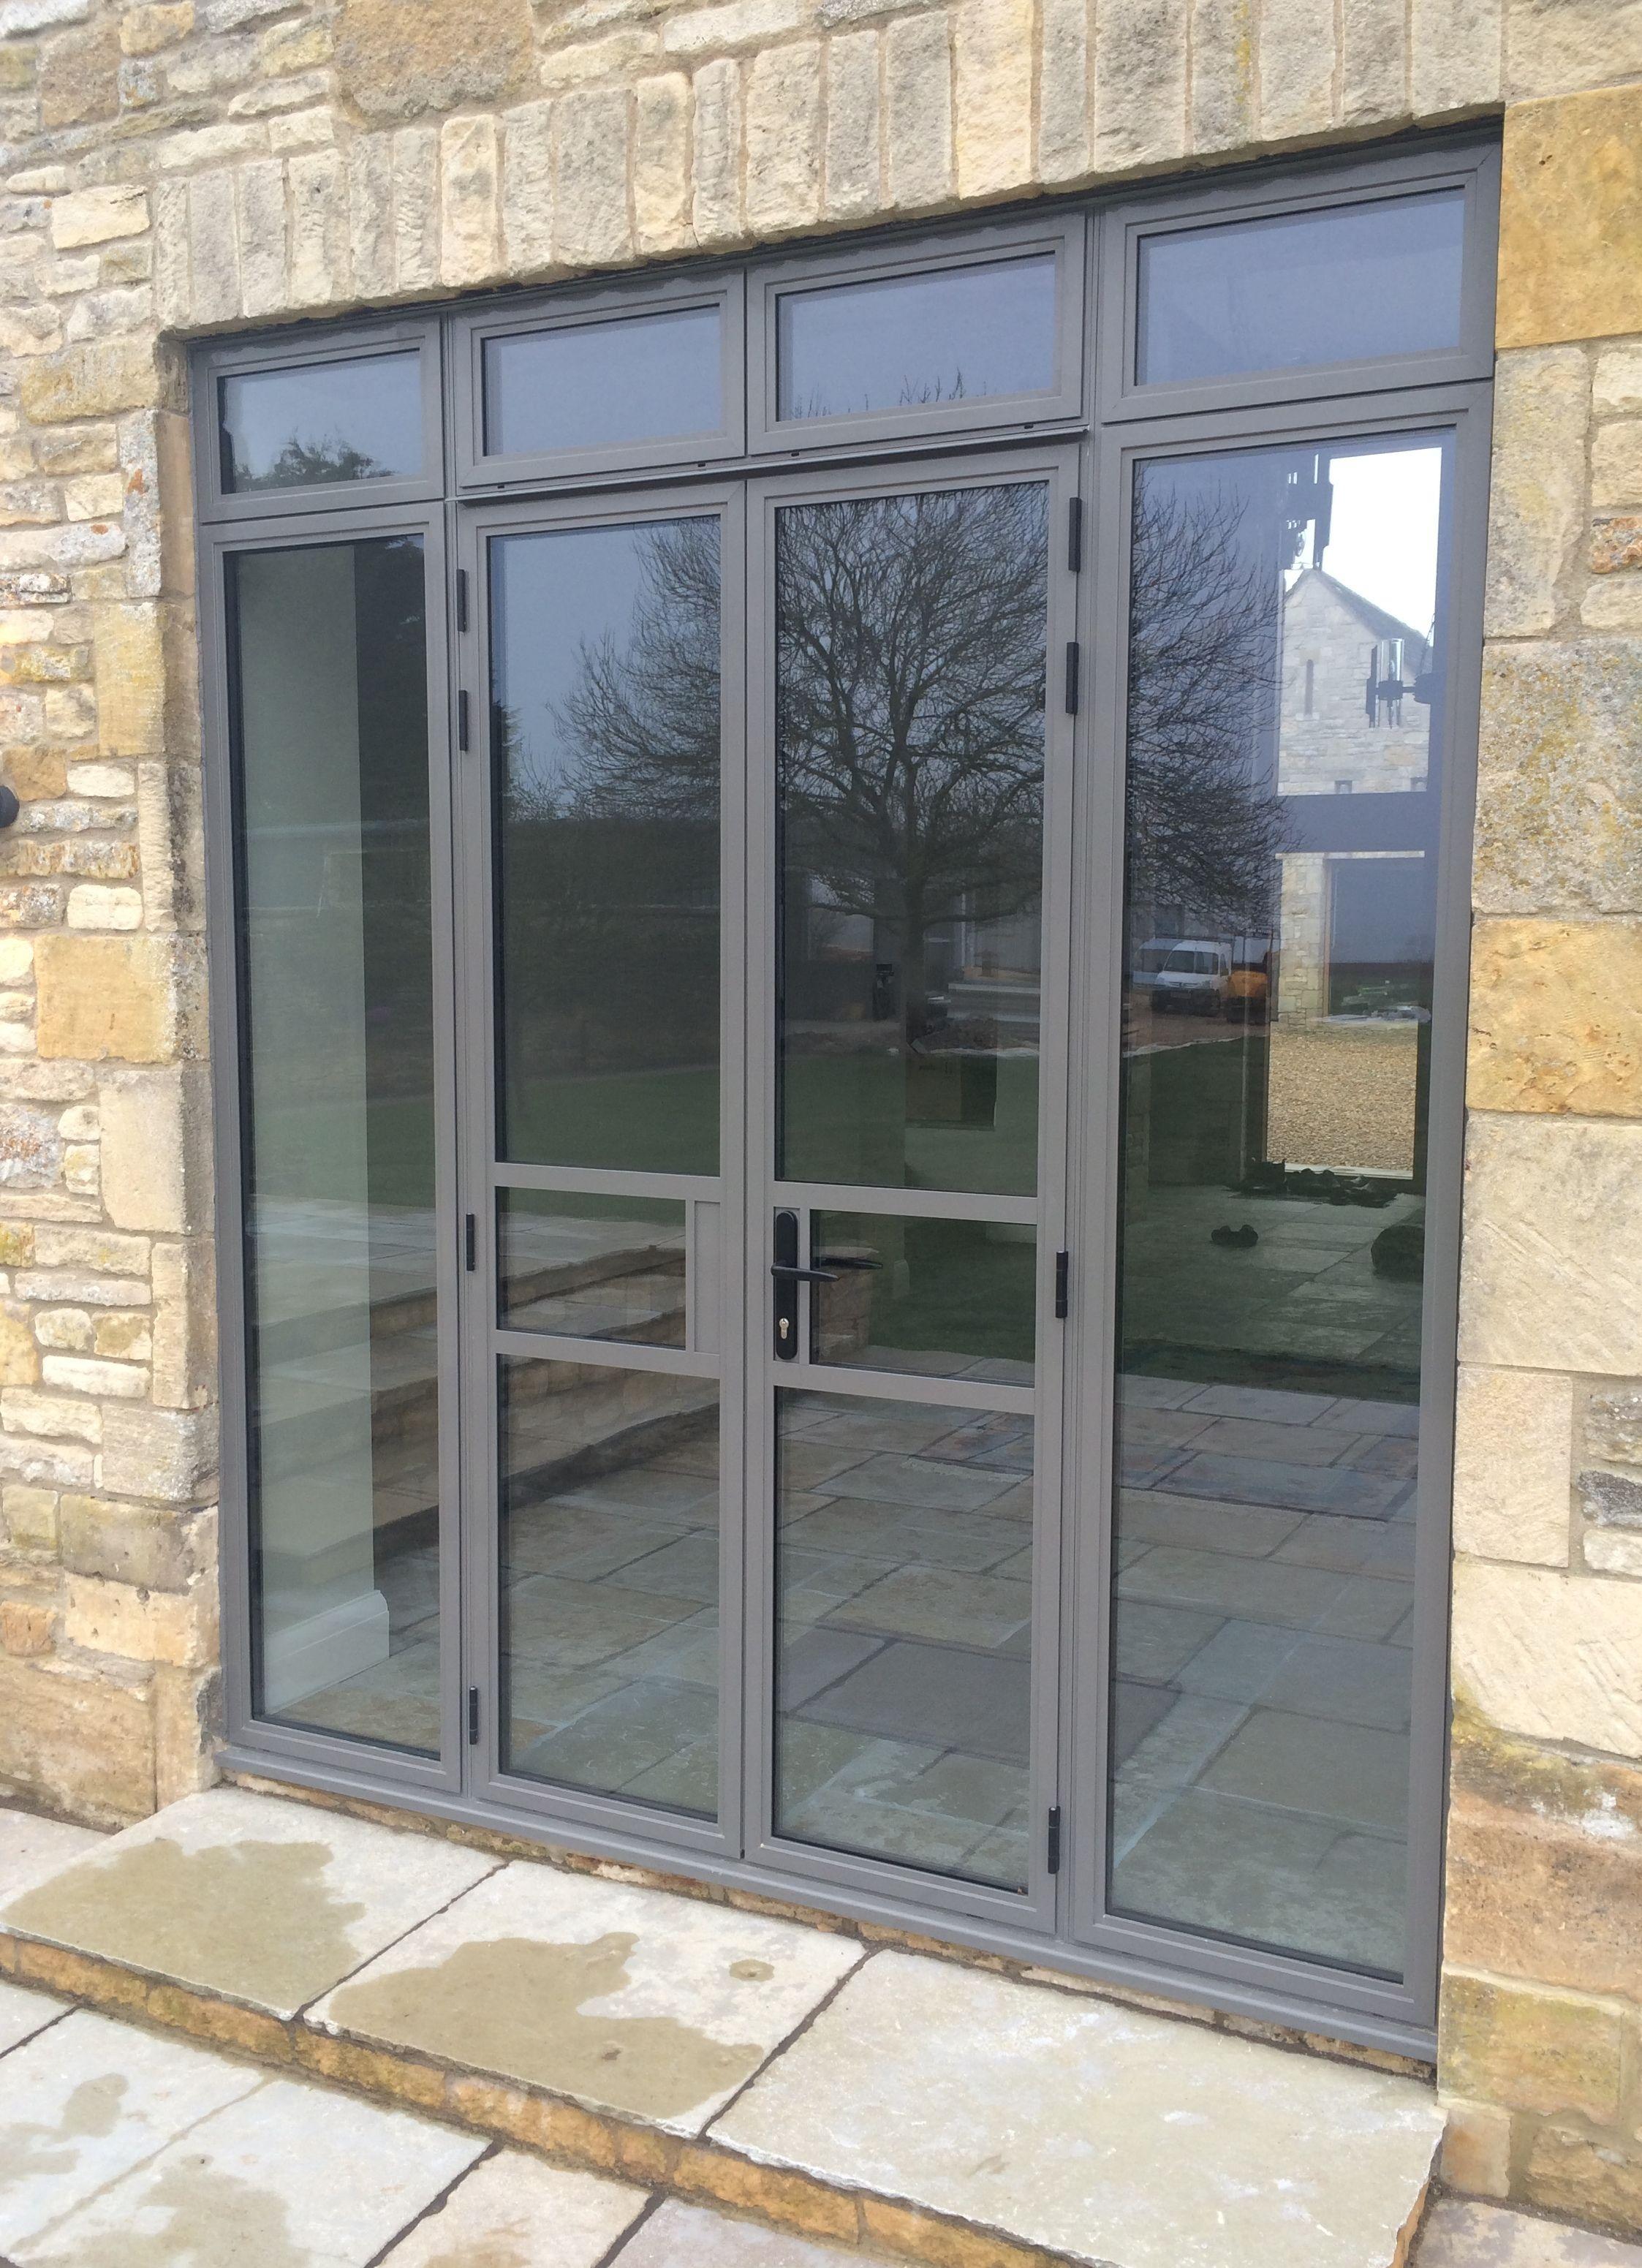 Aluminium heritage french door designed to match original style aluminium heritage french door designed to match original style rubansaba